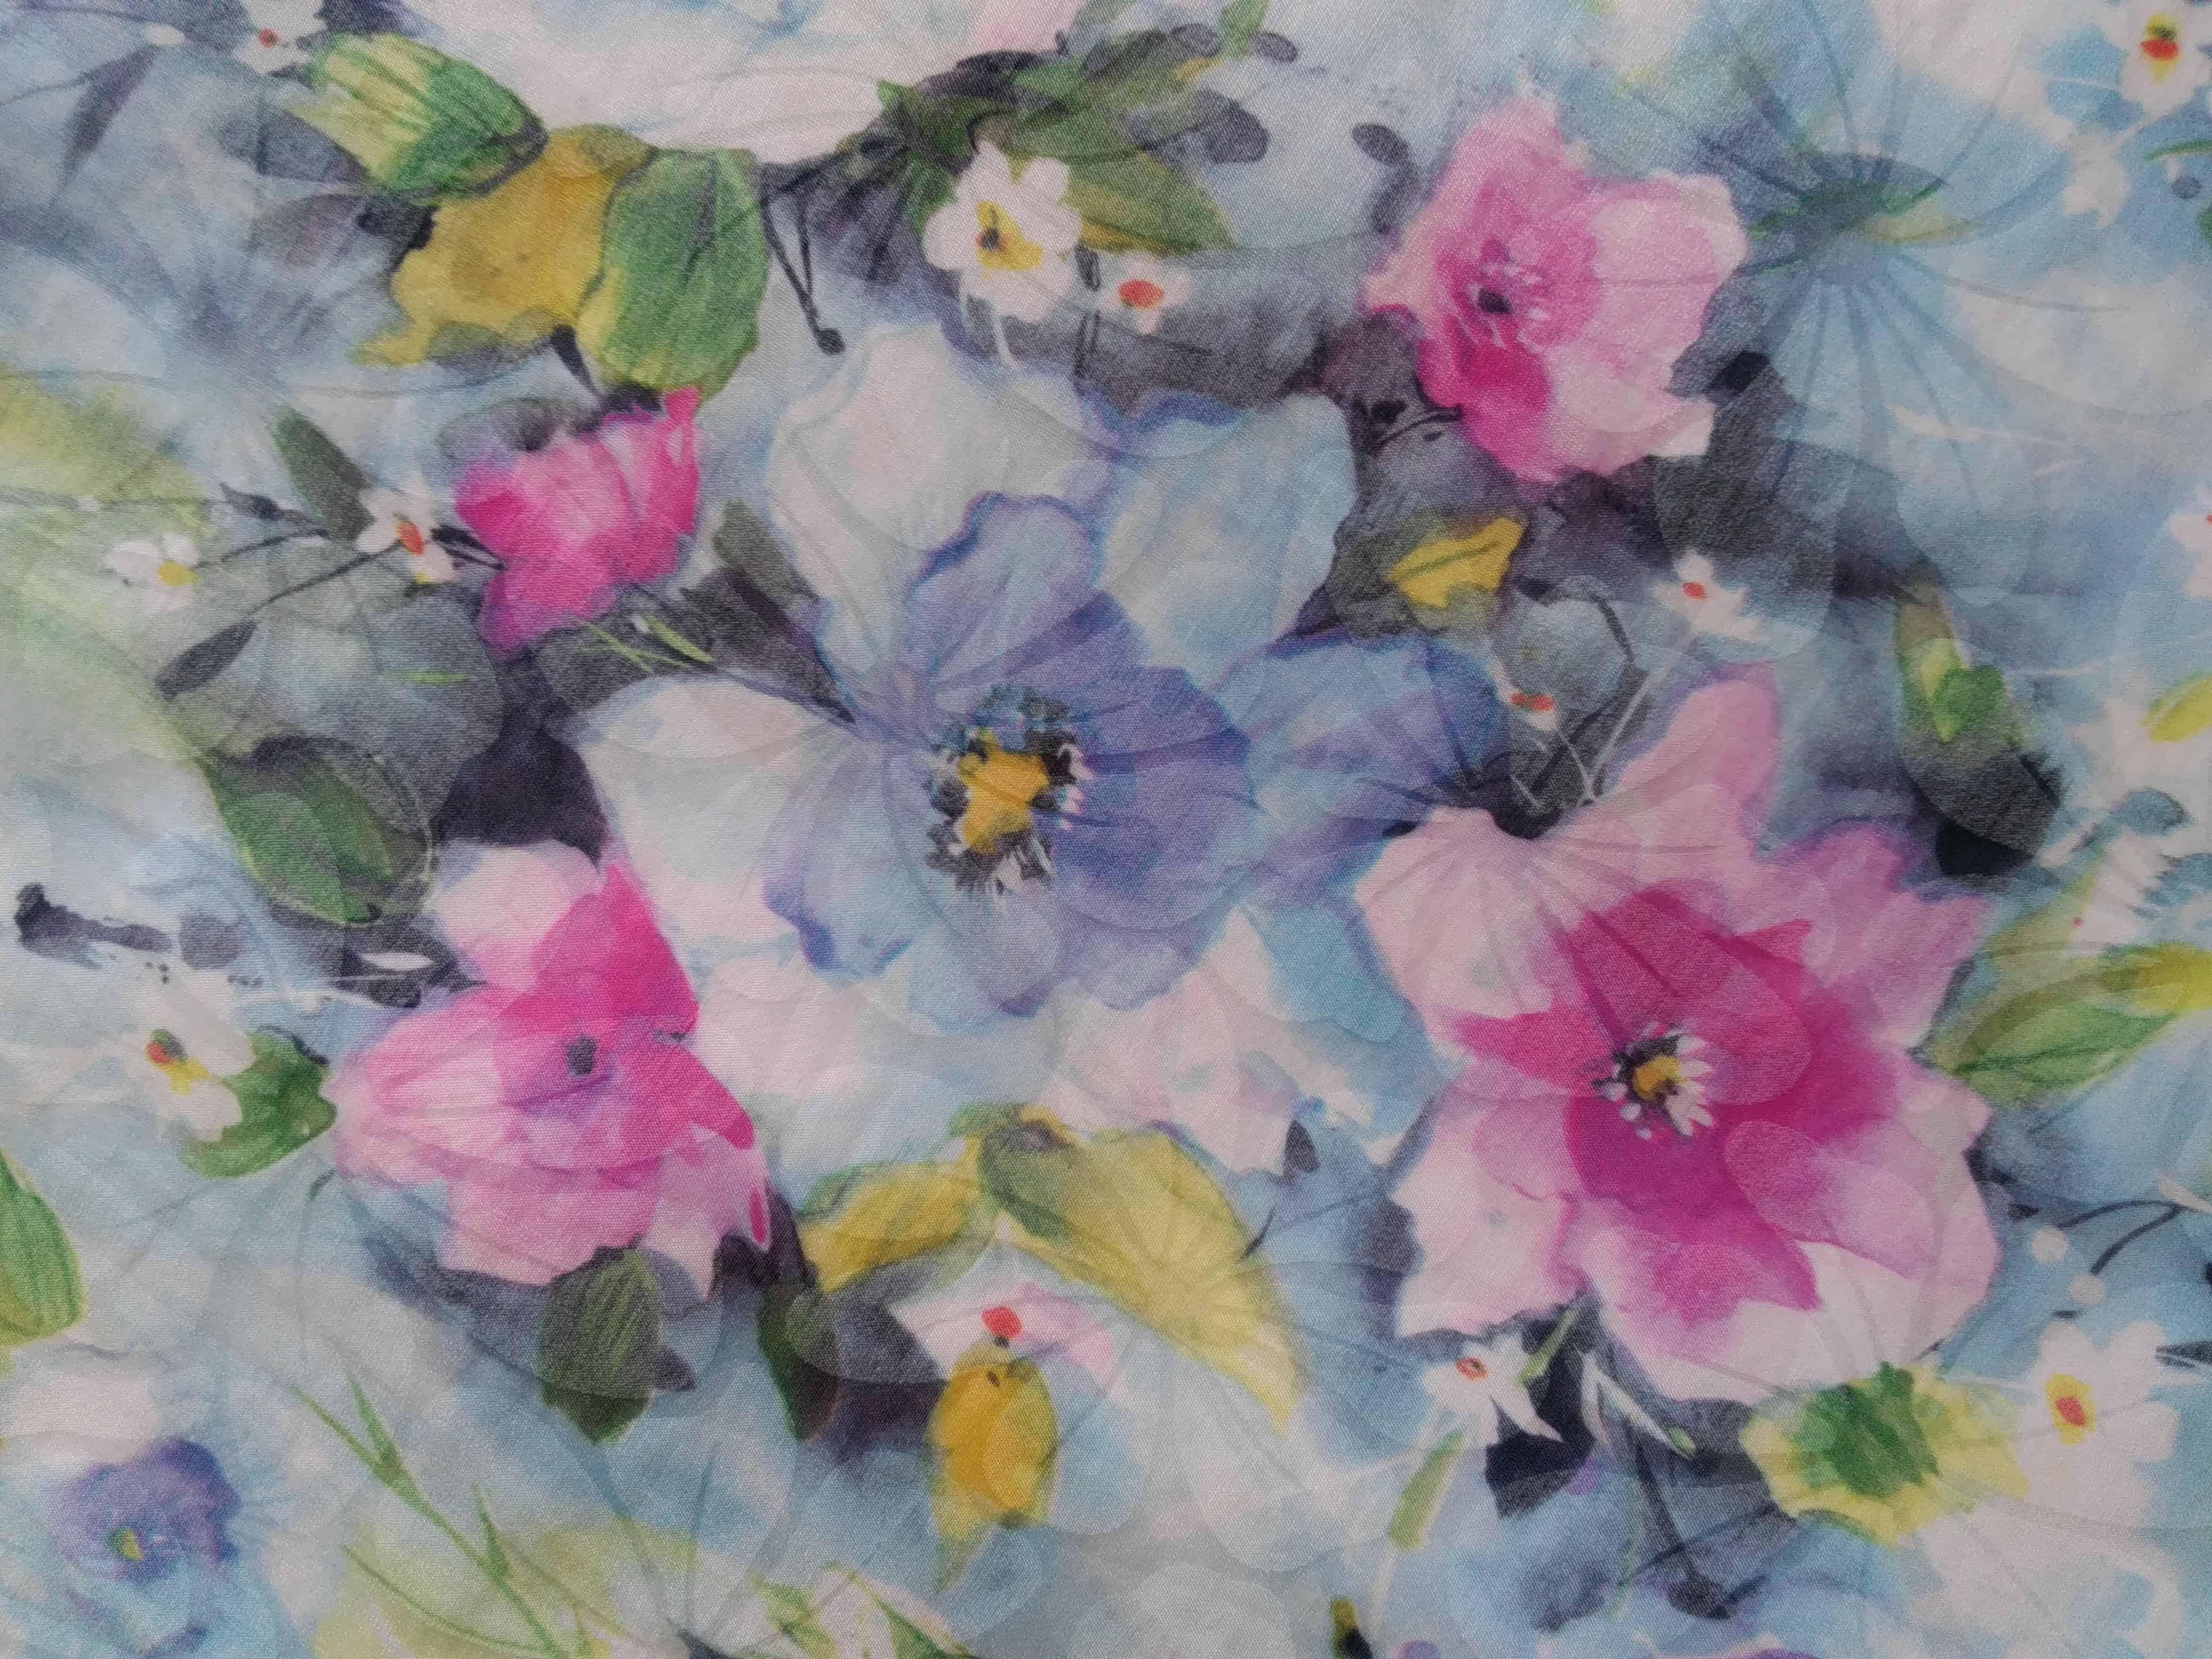 Imagen gratis: textil, acuarela, bella, flora, flor, arte, hoja ...